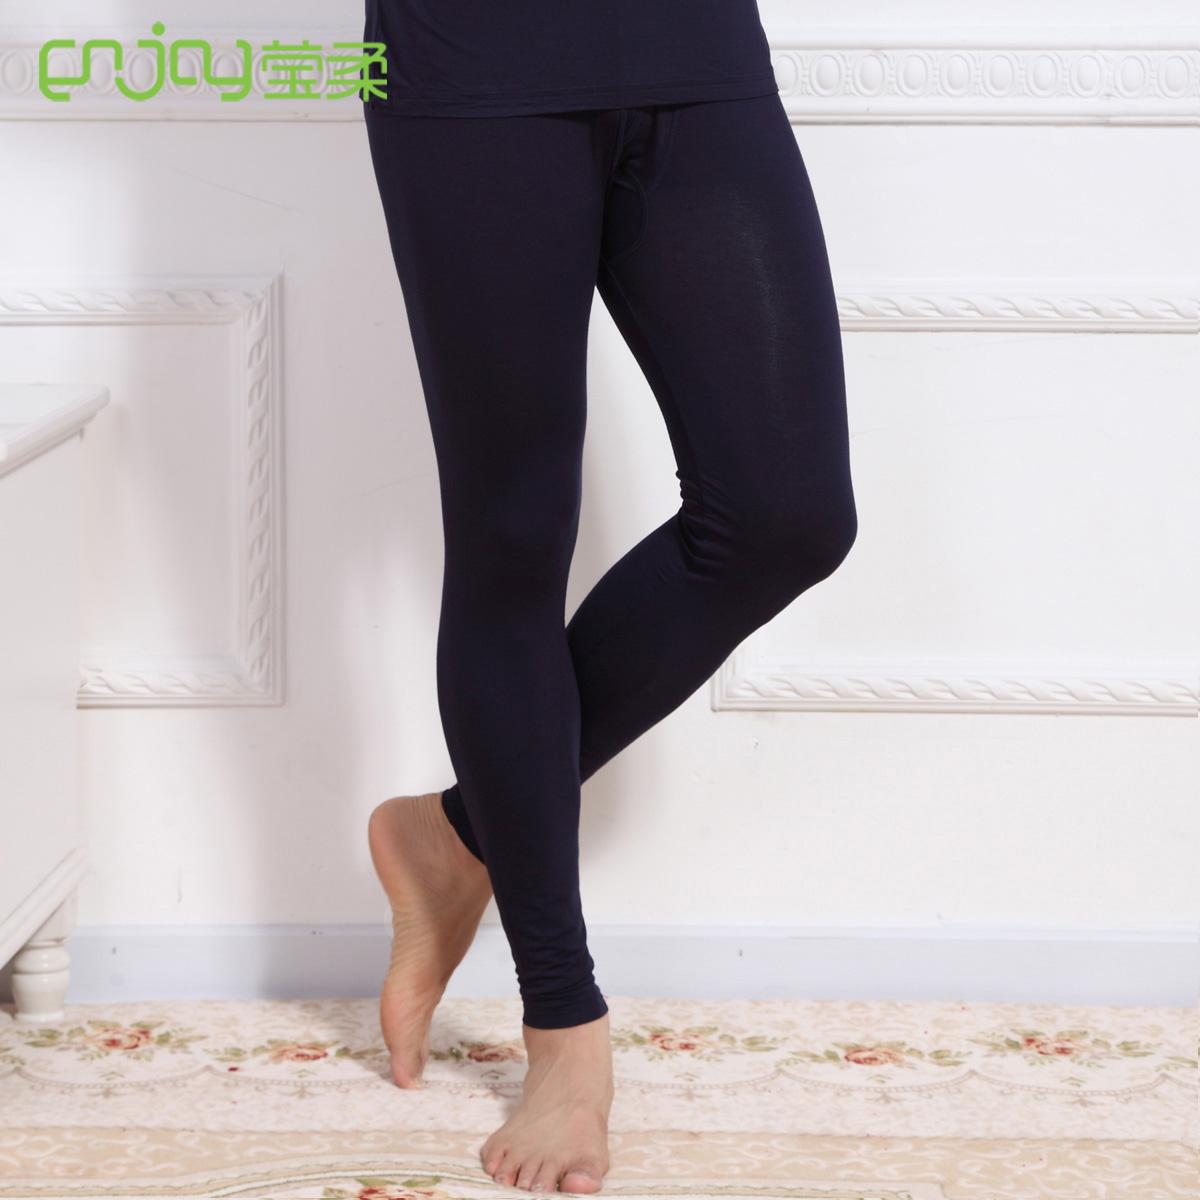 Pantalon collant jeunesse ENJOY 7023-2 en coton - Ref 754186 Image 1